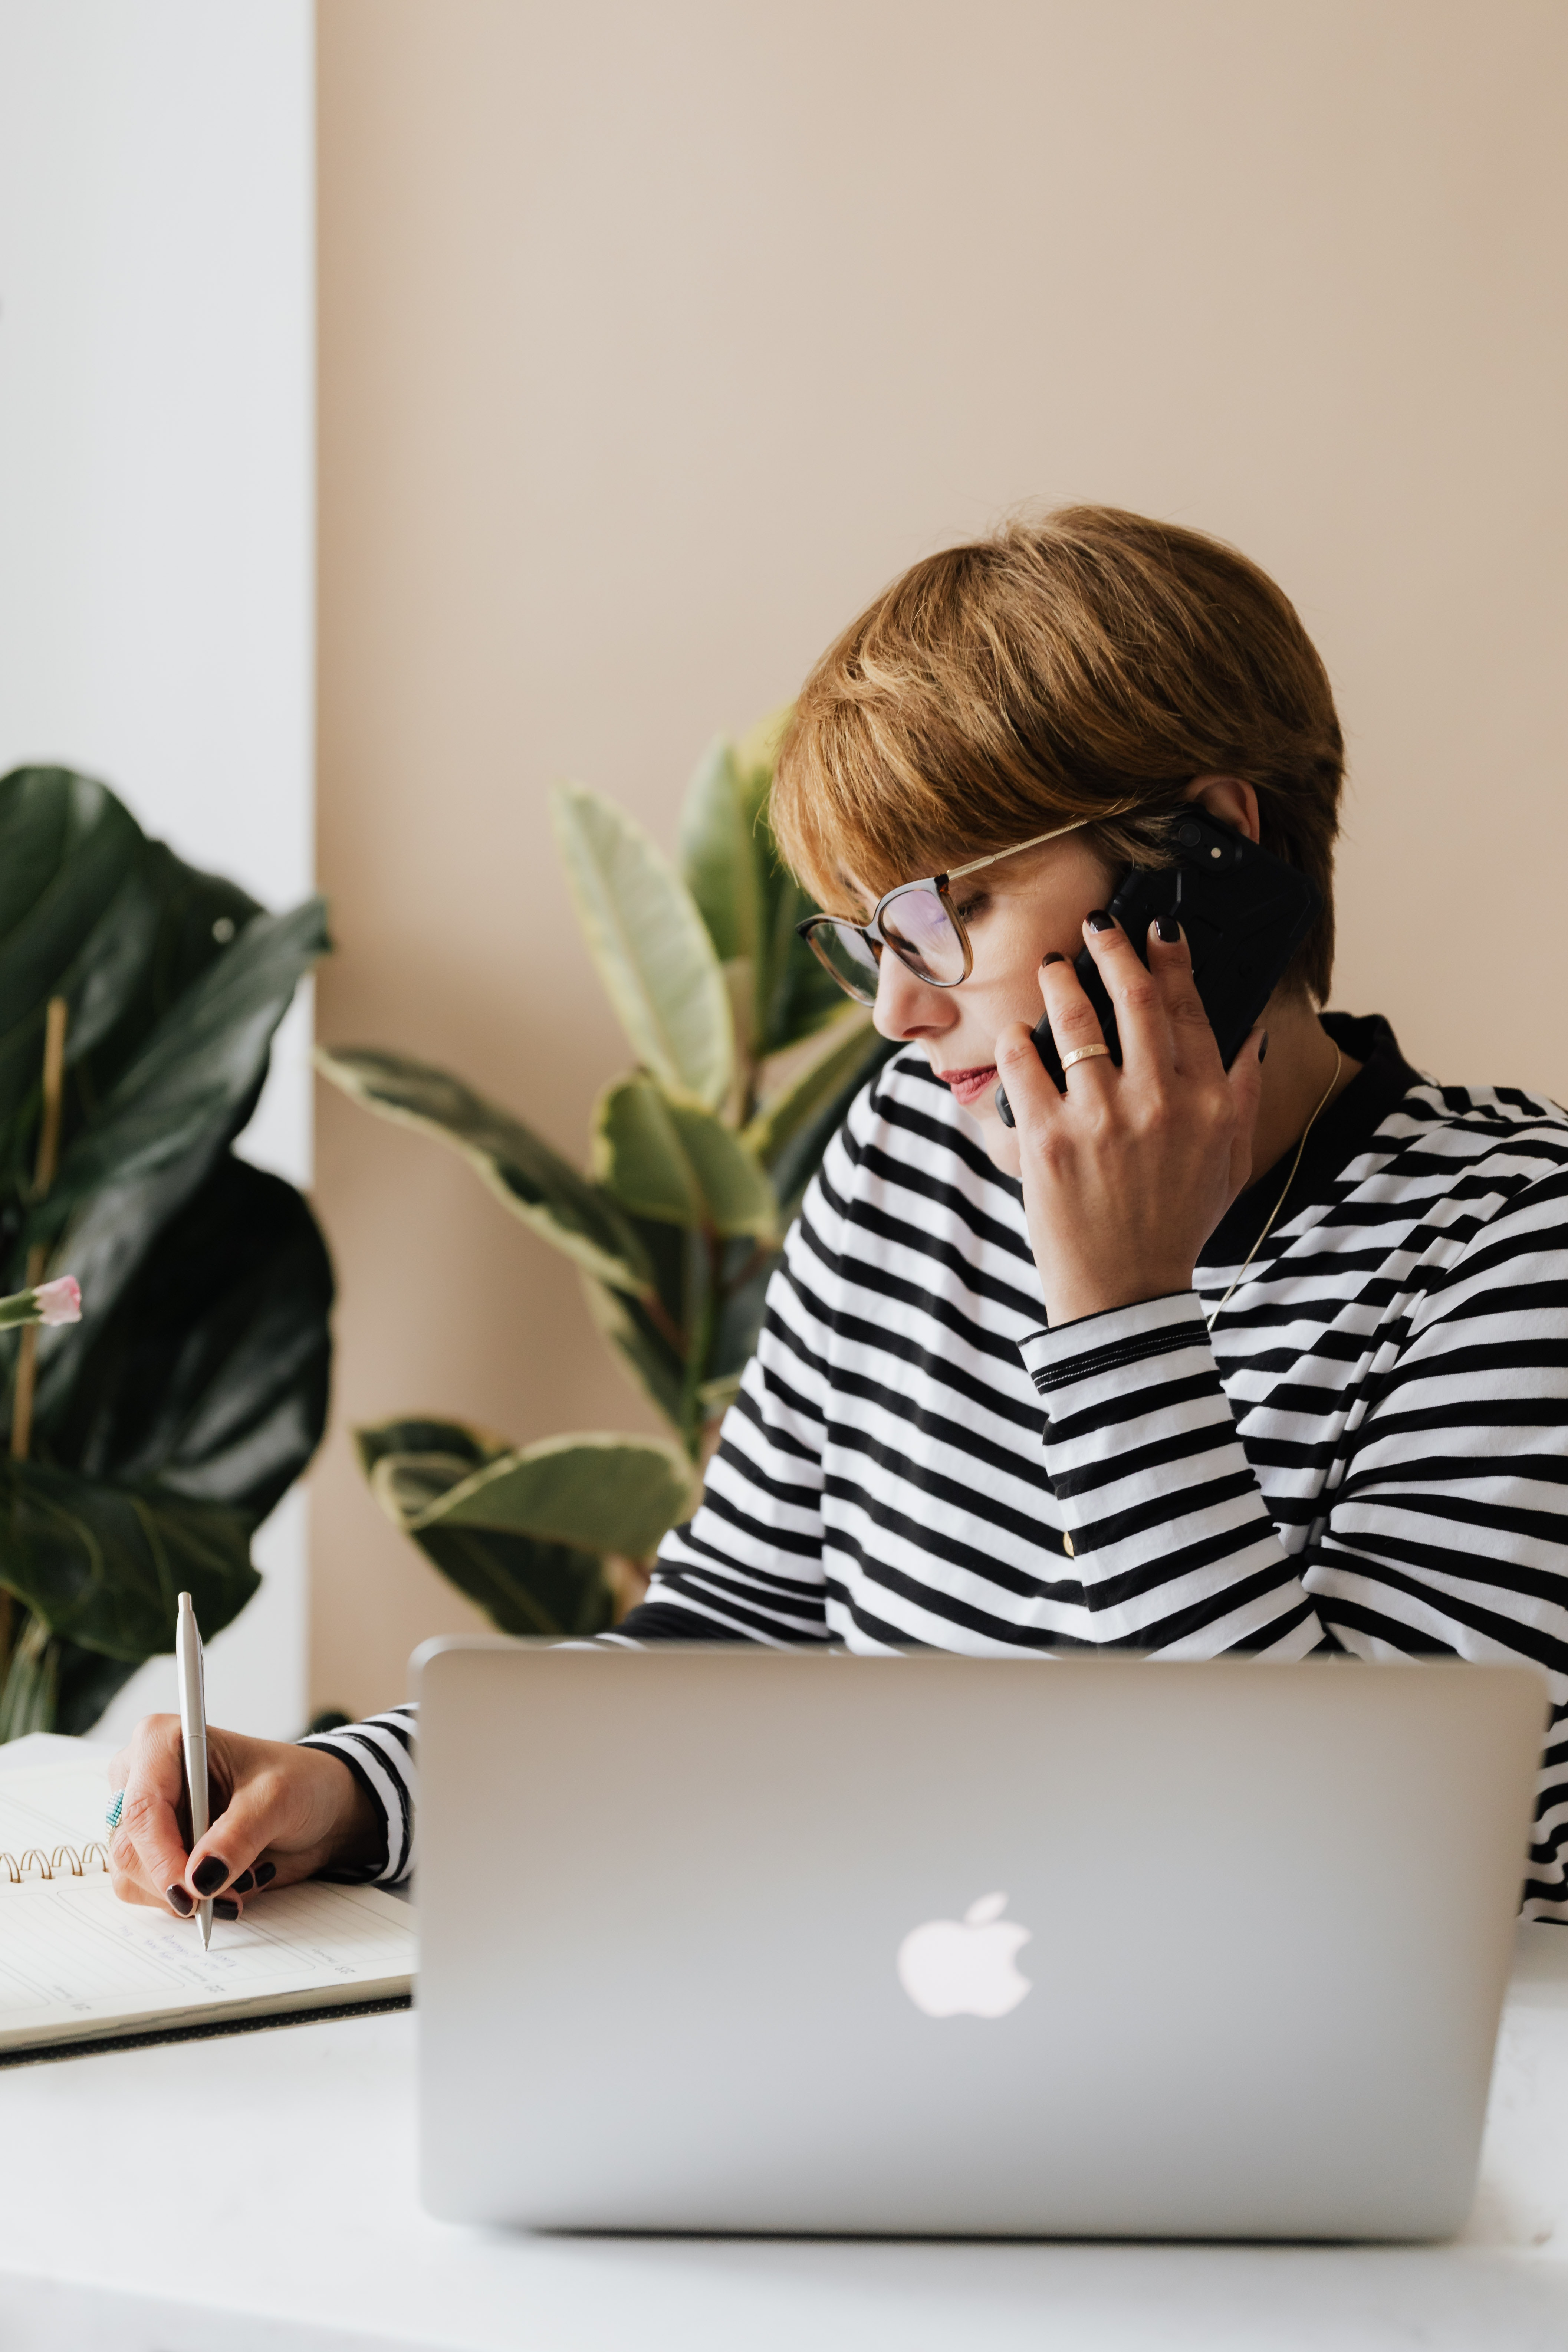 Entrepreneuse au téléphone écrivant dans un cahier